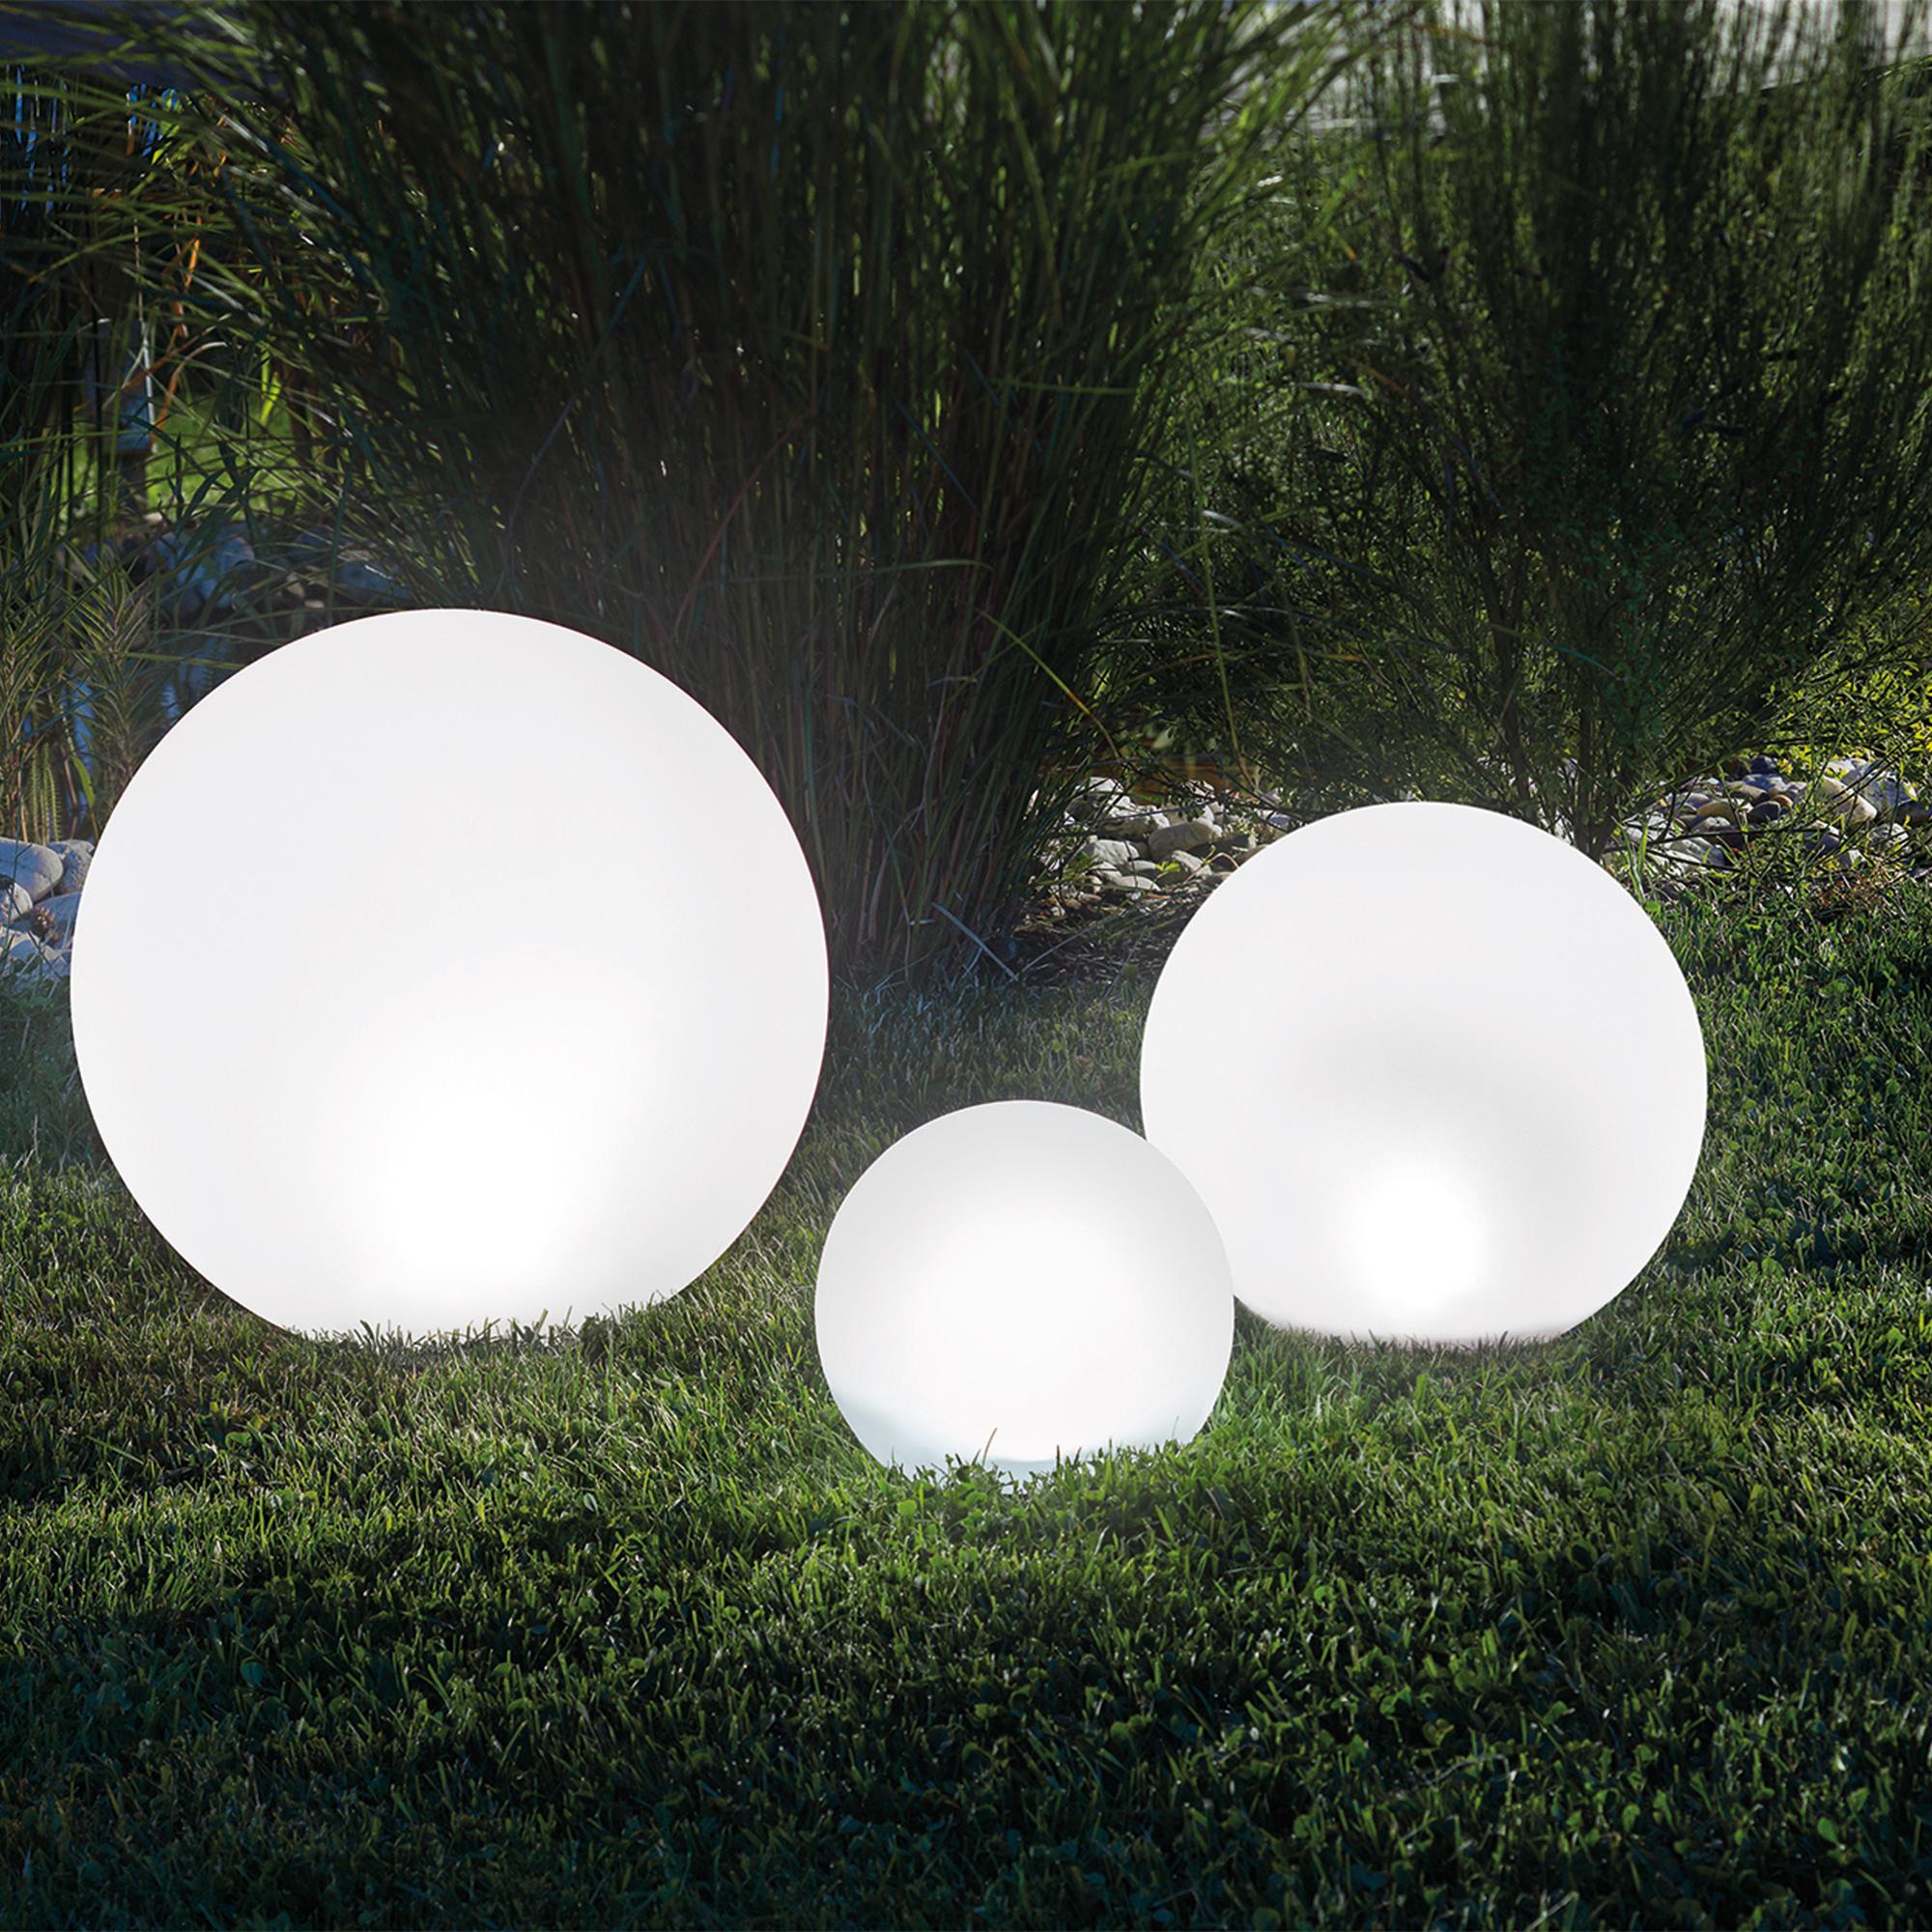 solar leuchtkugelset 20 30 40cm solarkugel gartenlampe solarlampe esotec 102614 ebay. Black Bedroom Furniture Sets. Home Design Ideas